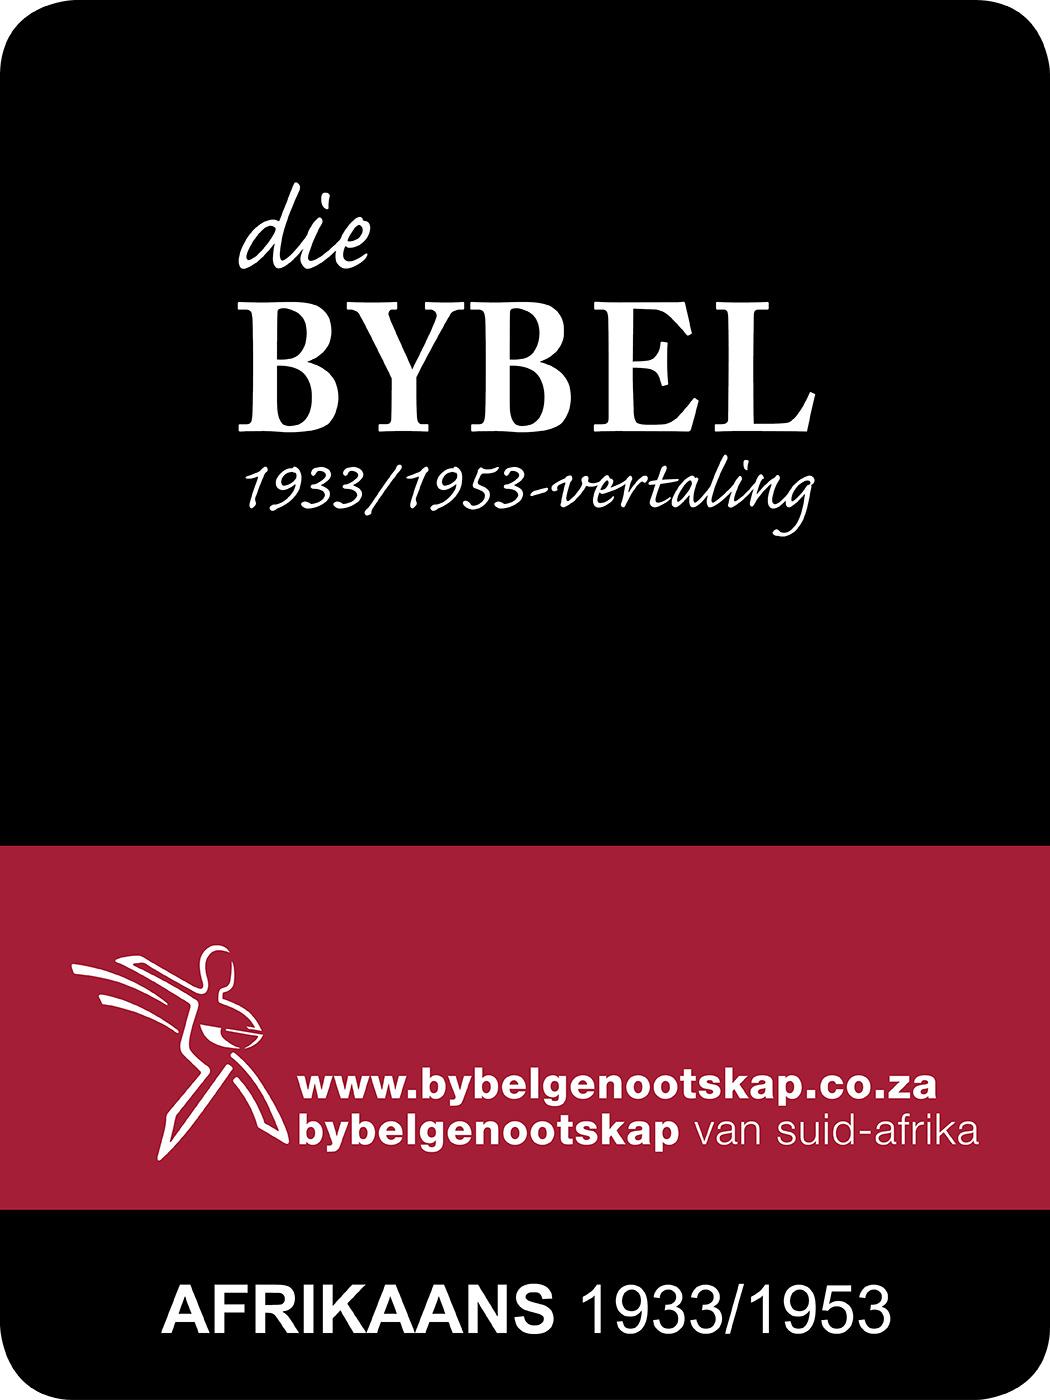 Afrikaans 1933/1953